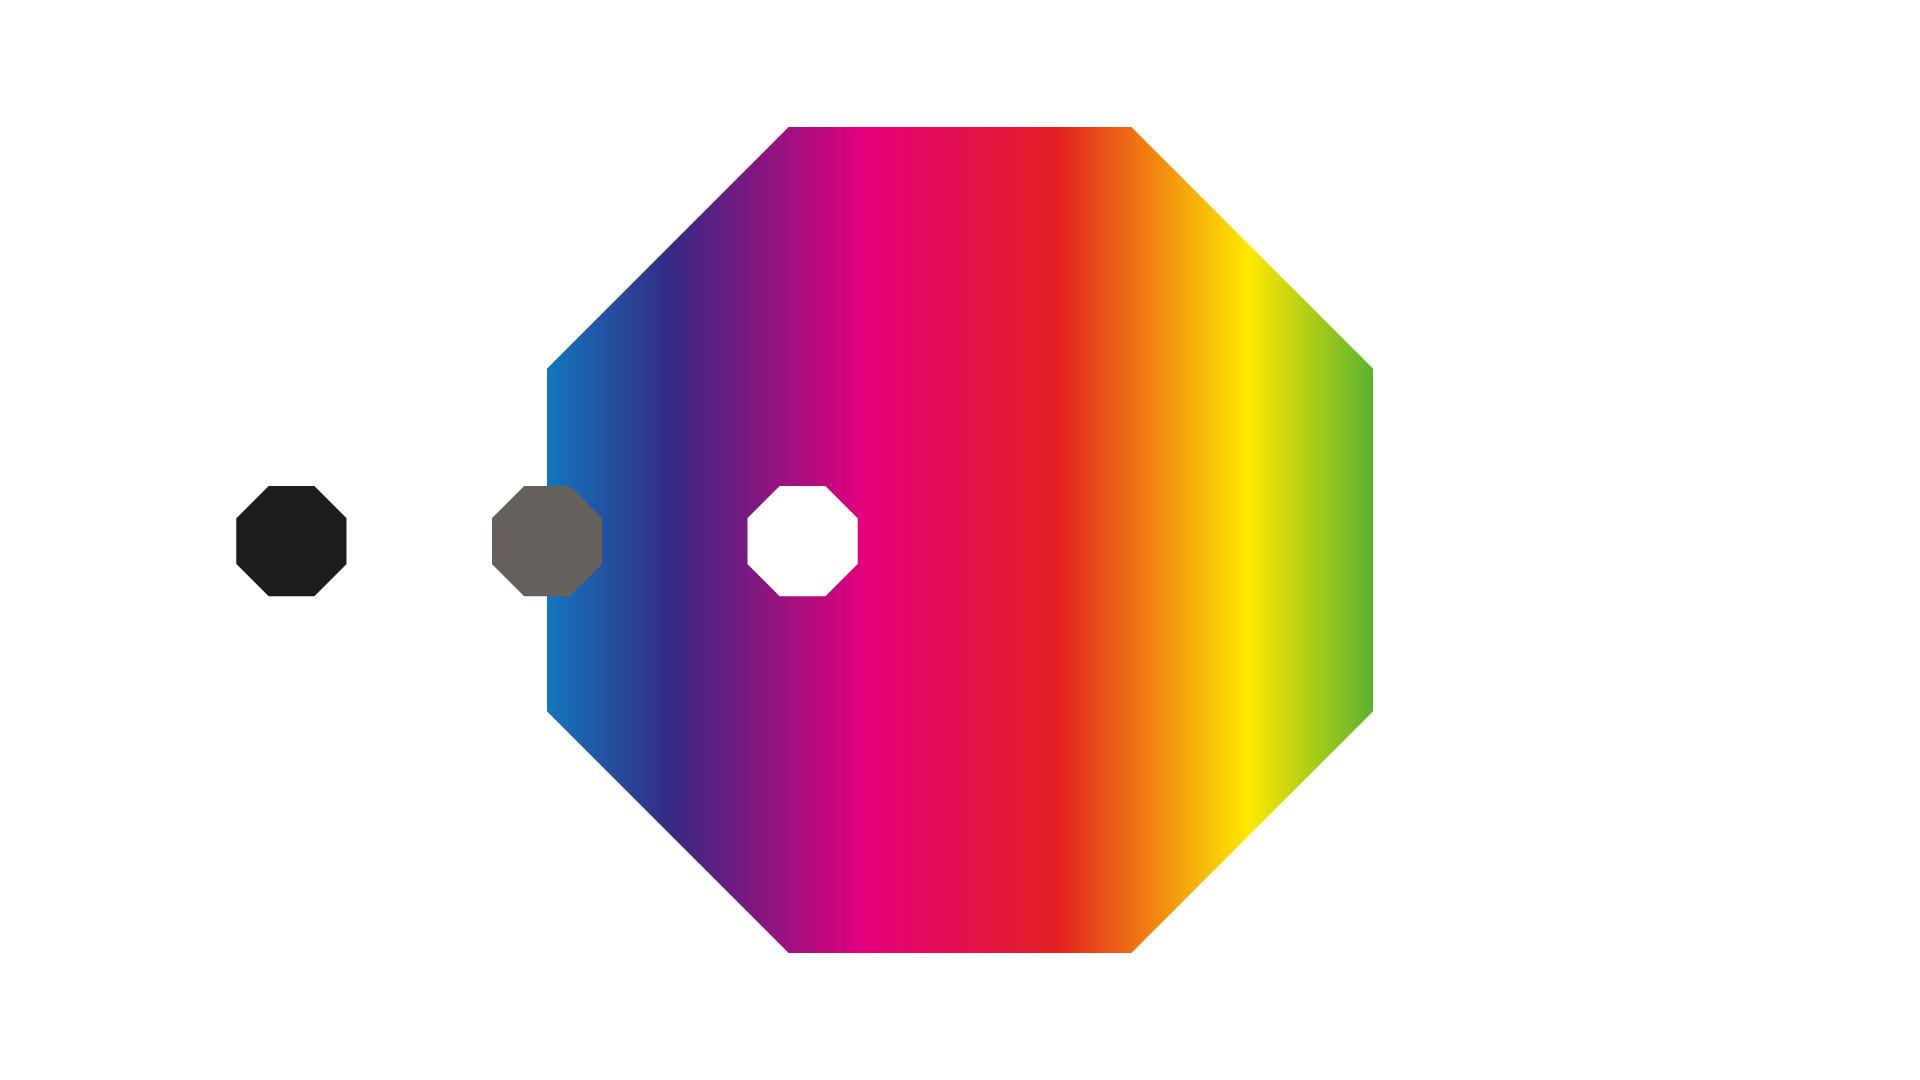 Teaterets fargepalett